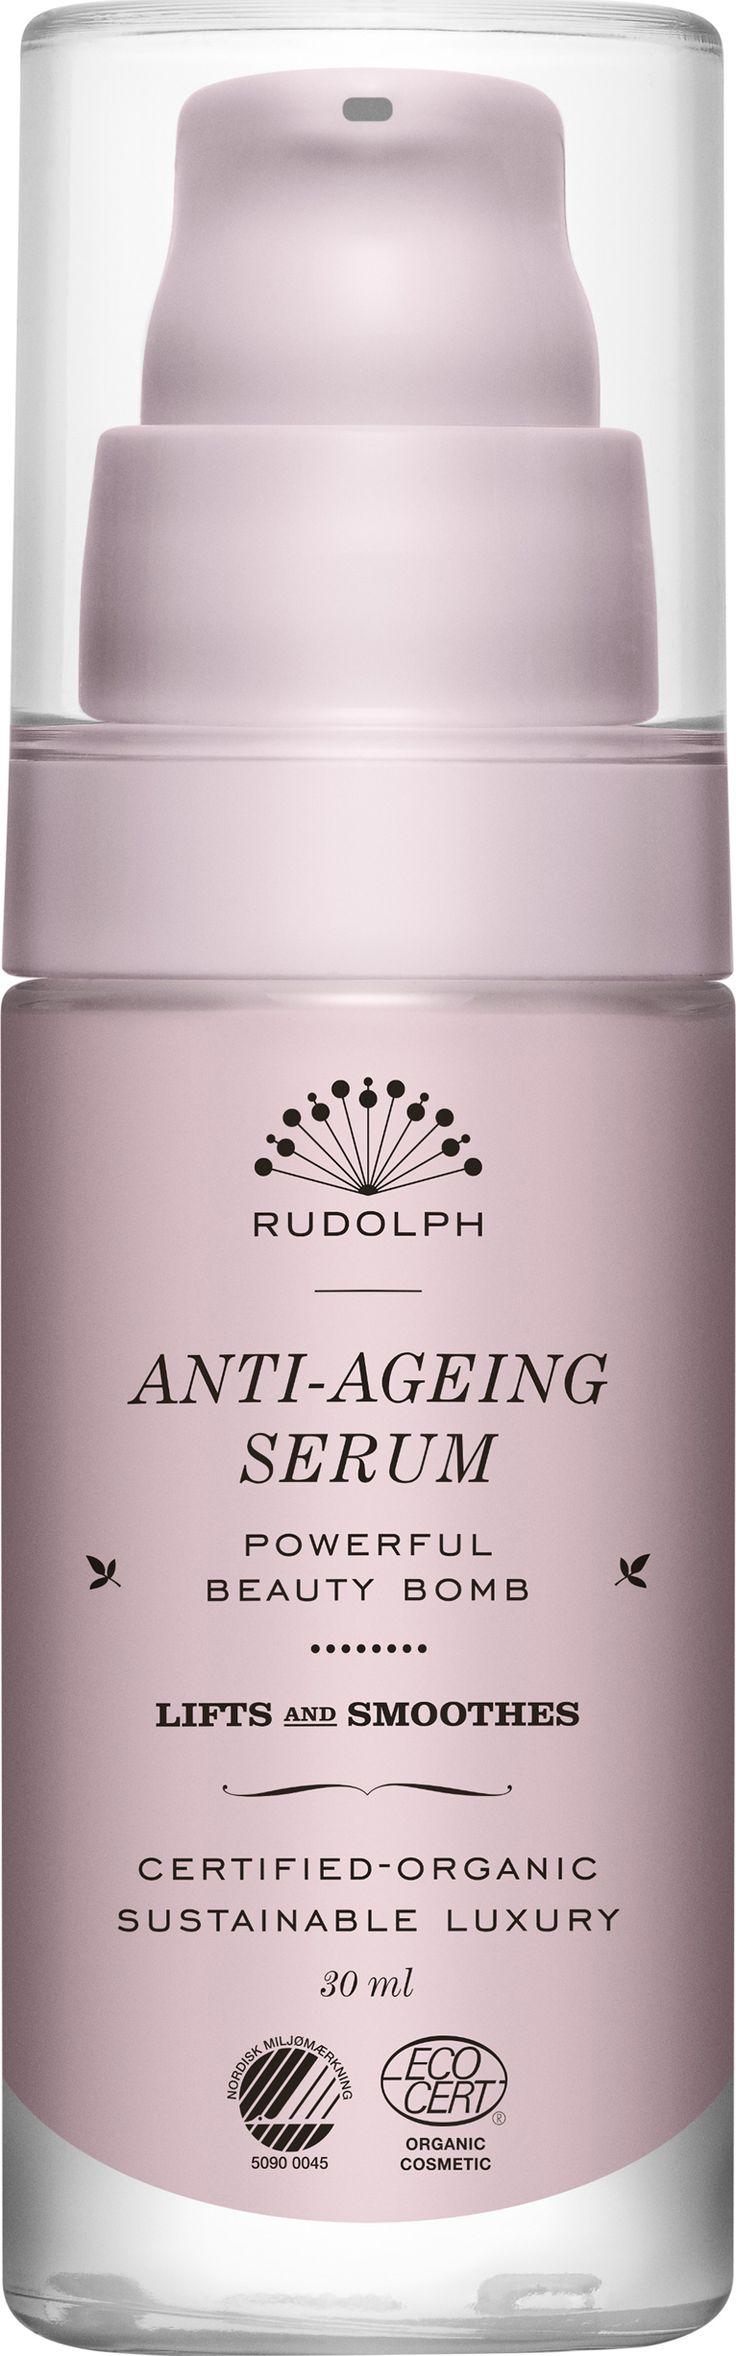 Acai Anti-Ageing Serum 30 ml. fra Rudolph Care – Køb online på Magasin.dk